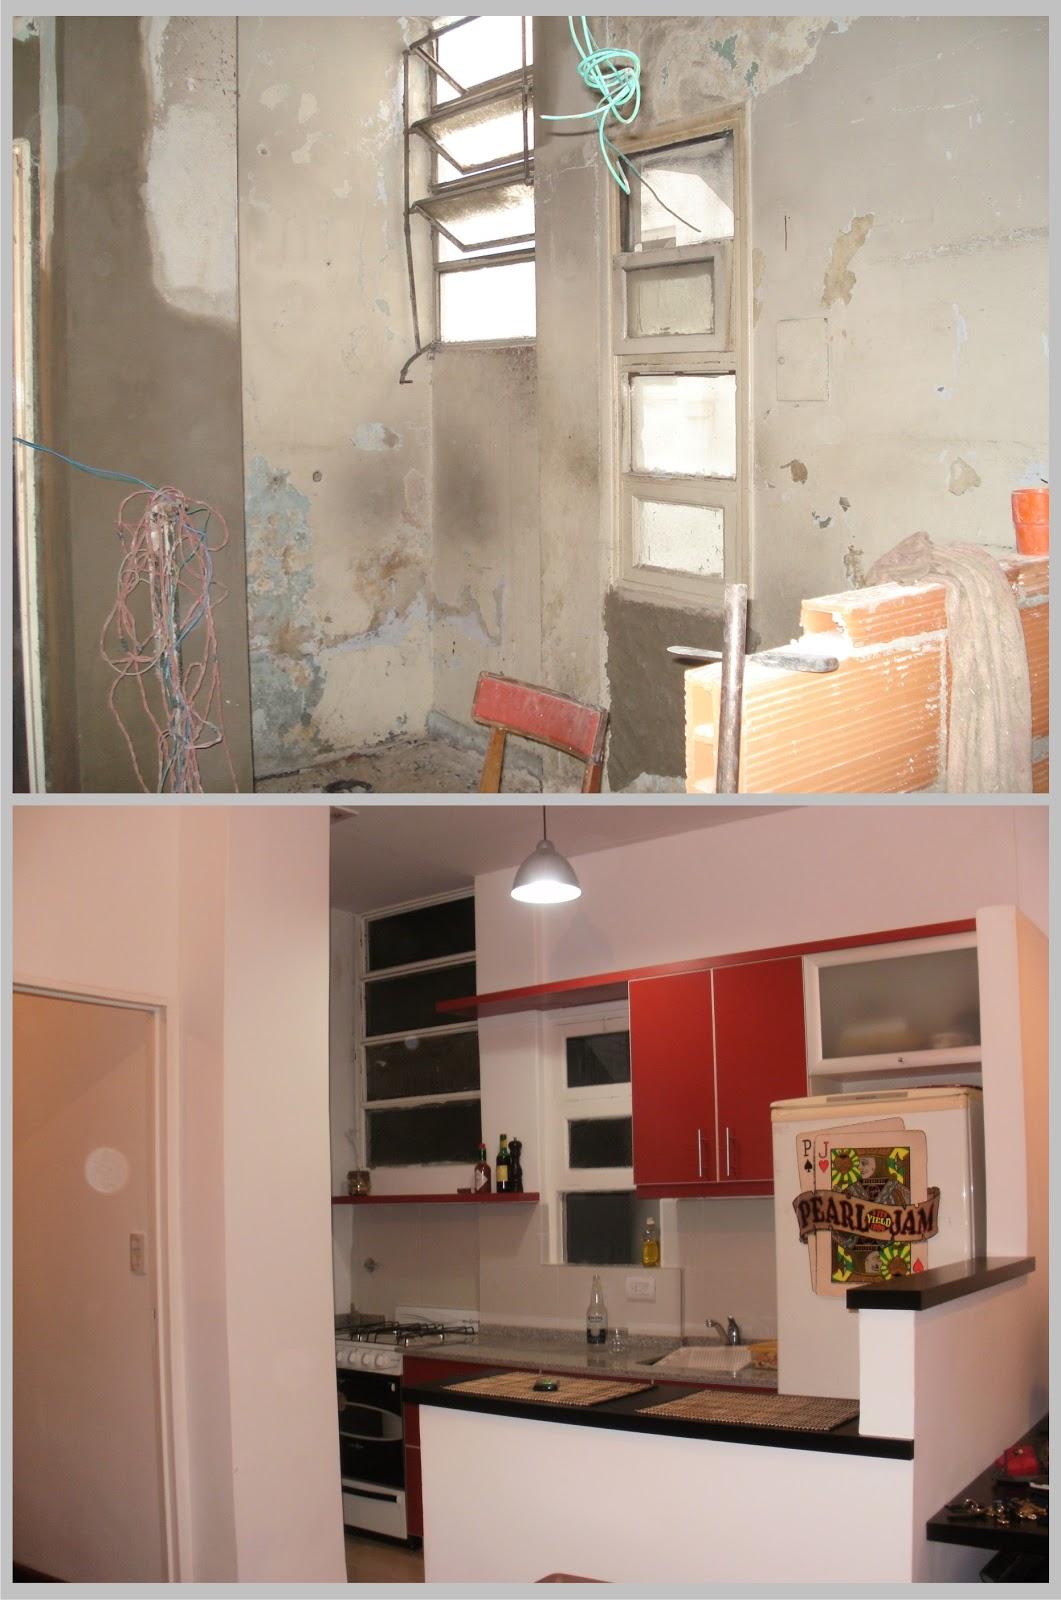 Arquitectura a tu medida remodelacuin de un peque o departamento - Casas reformadas antes y despues ...